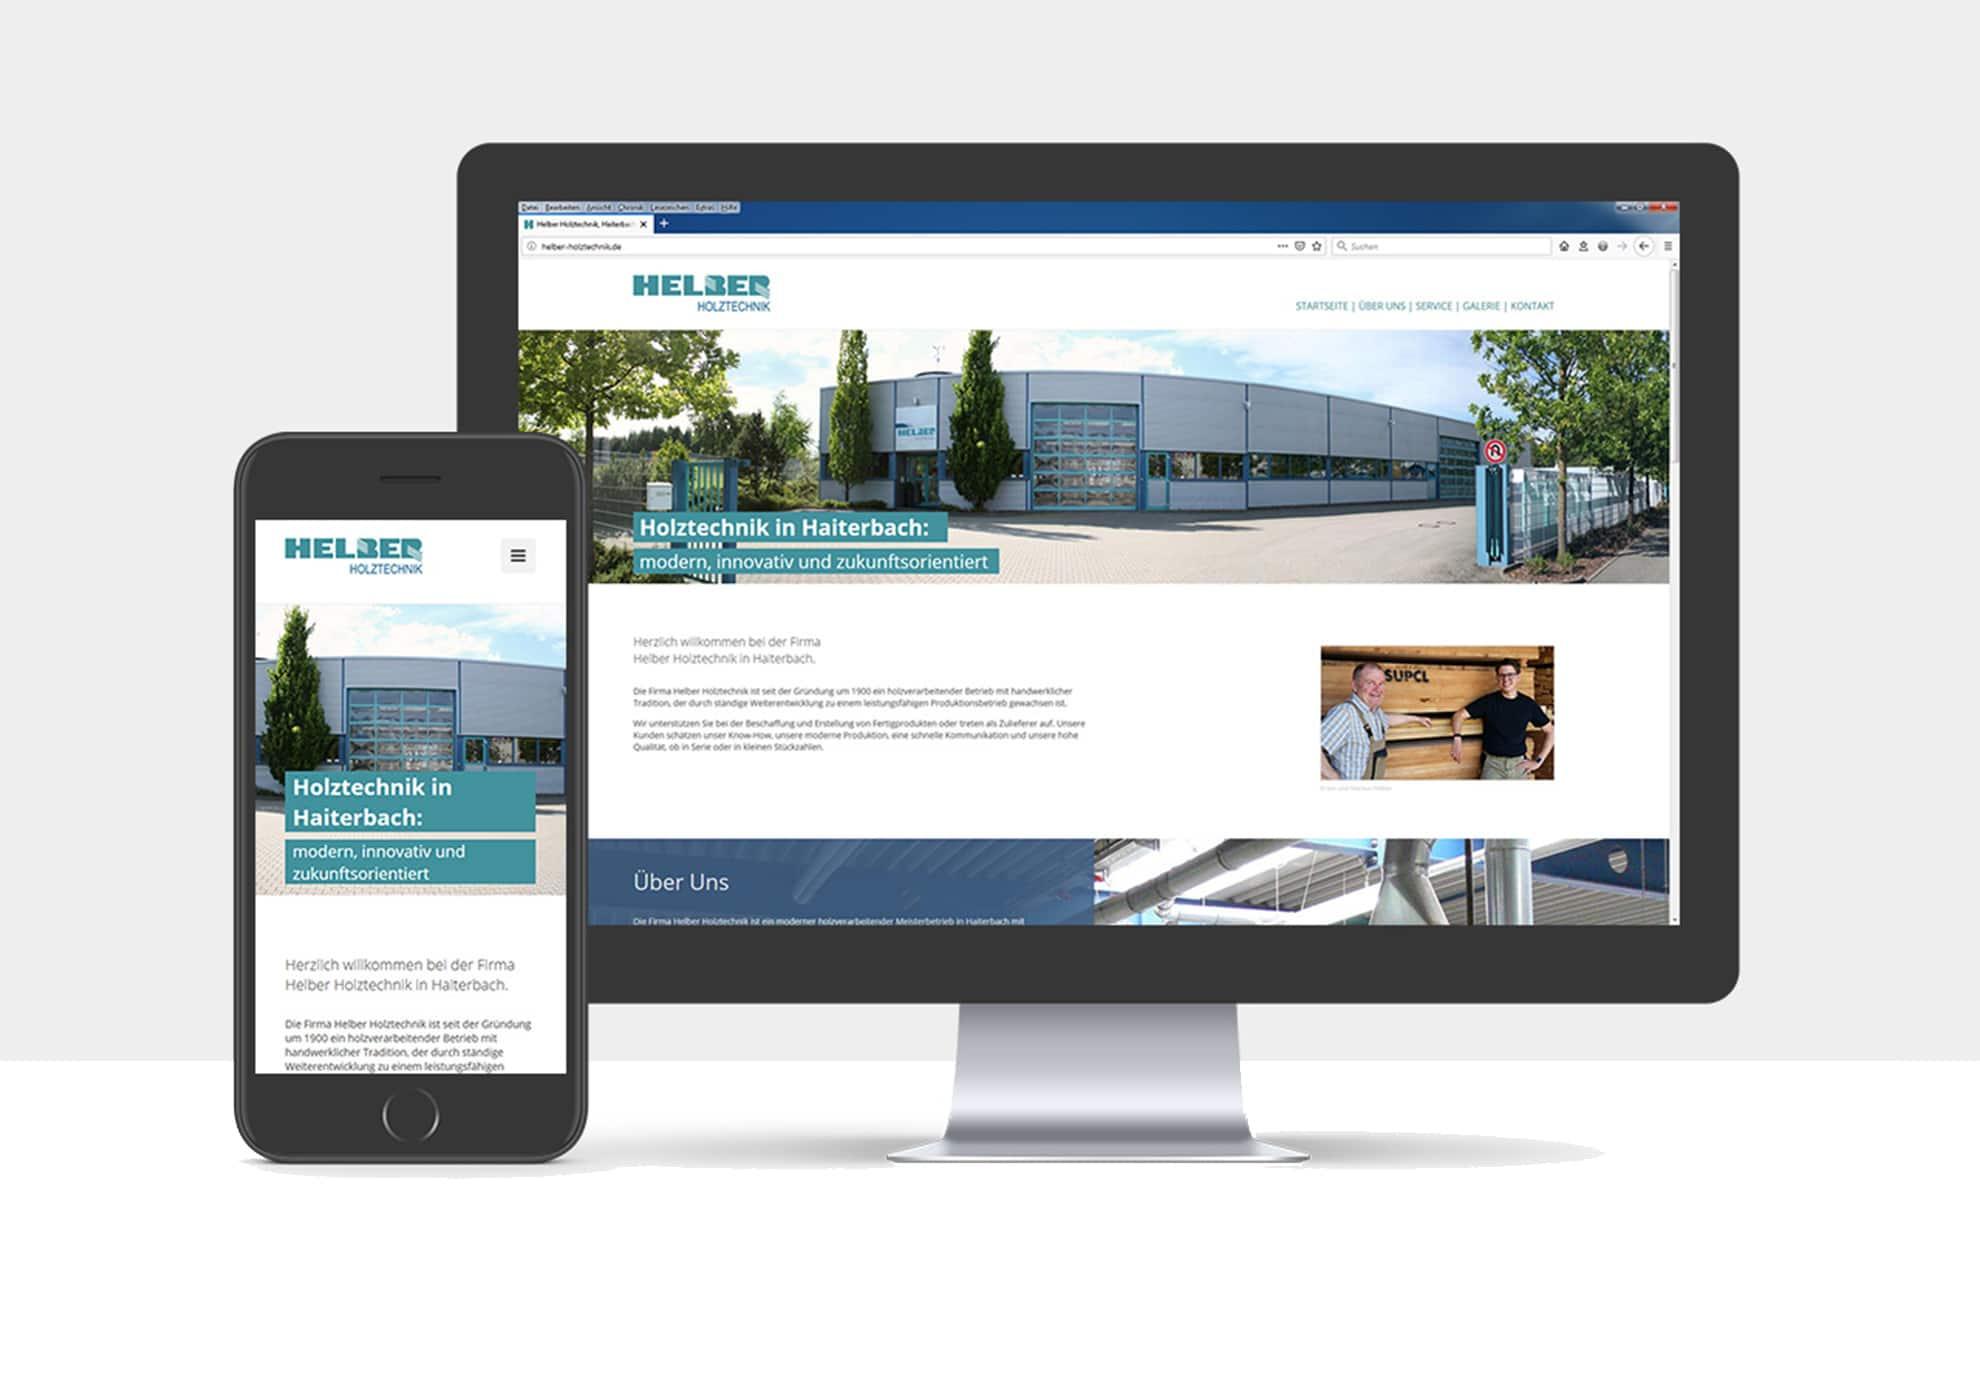 Webdesign für die Helber Holztechnik GmbH